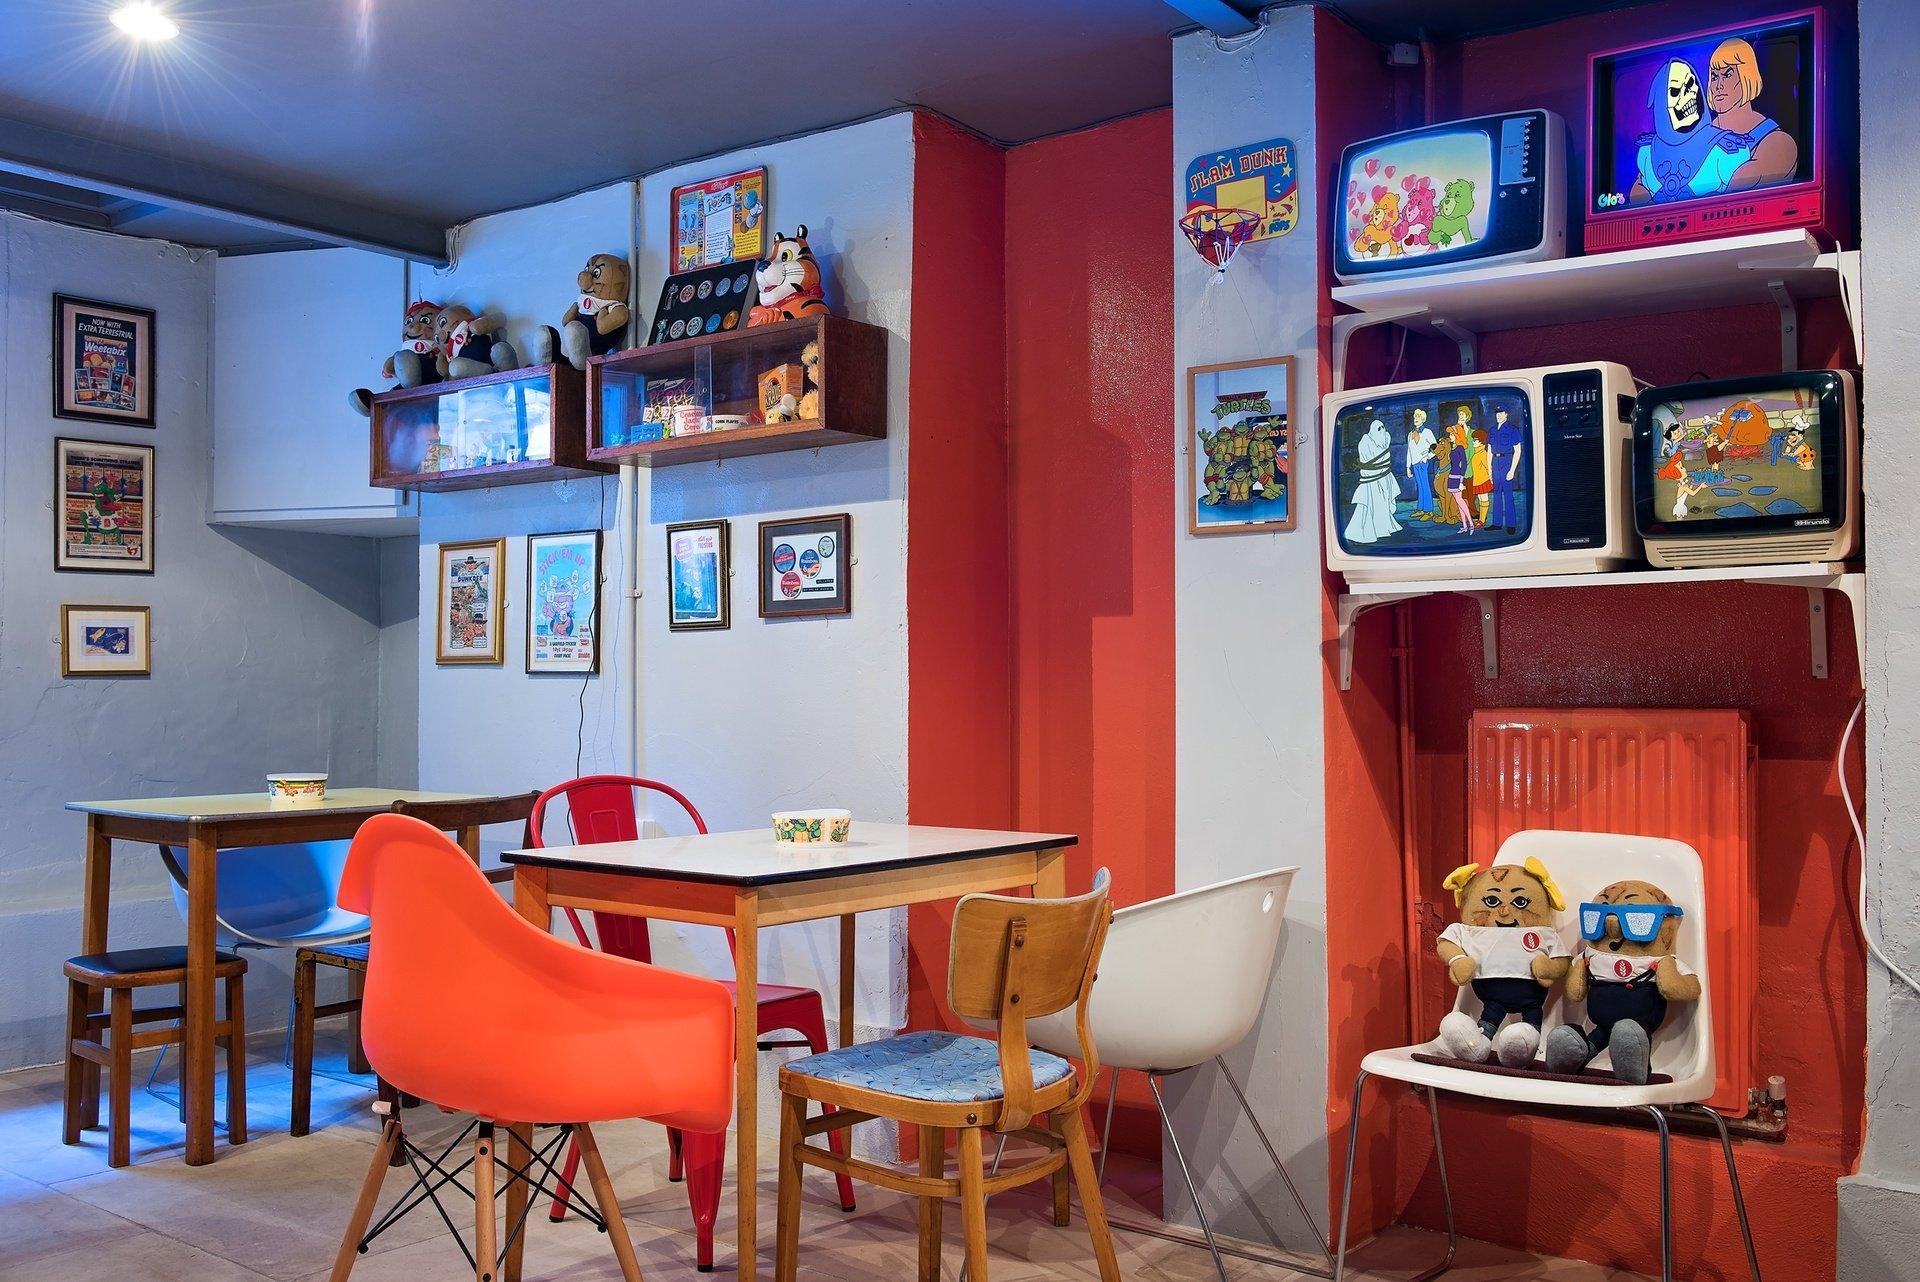 Londres workshop spaces Café Cereal Killer Cafe image 0